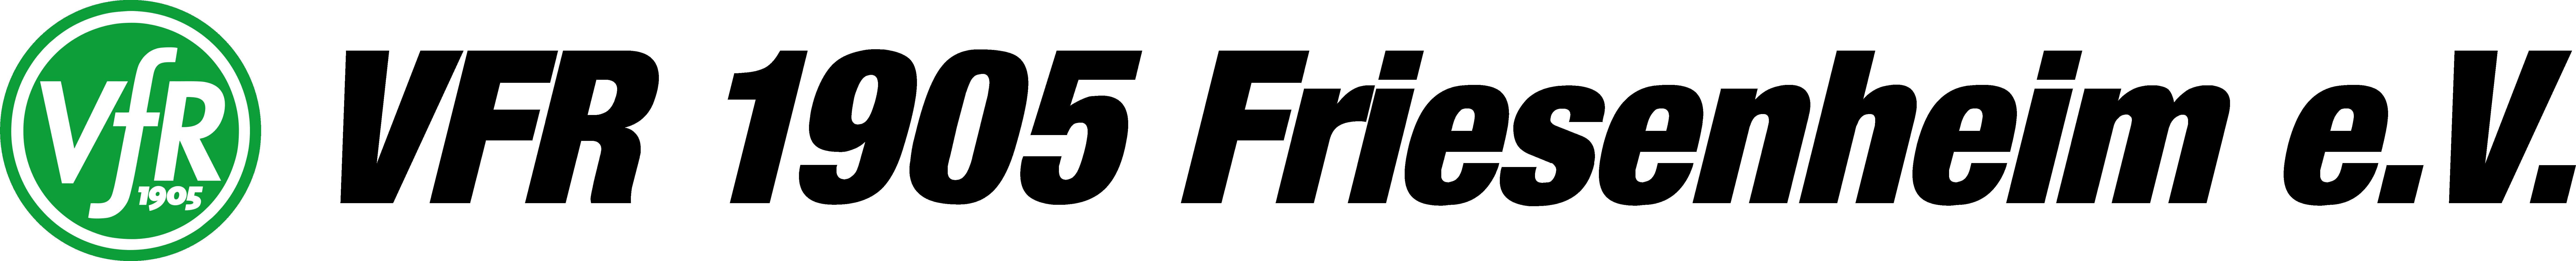 VfR Friesenheim 1905 e.V.